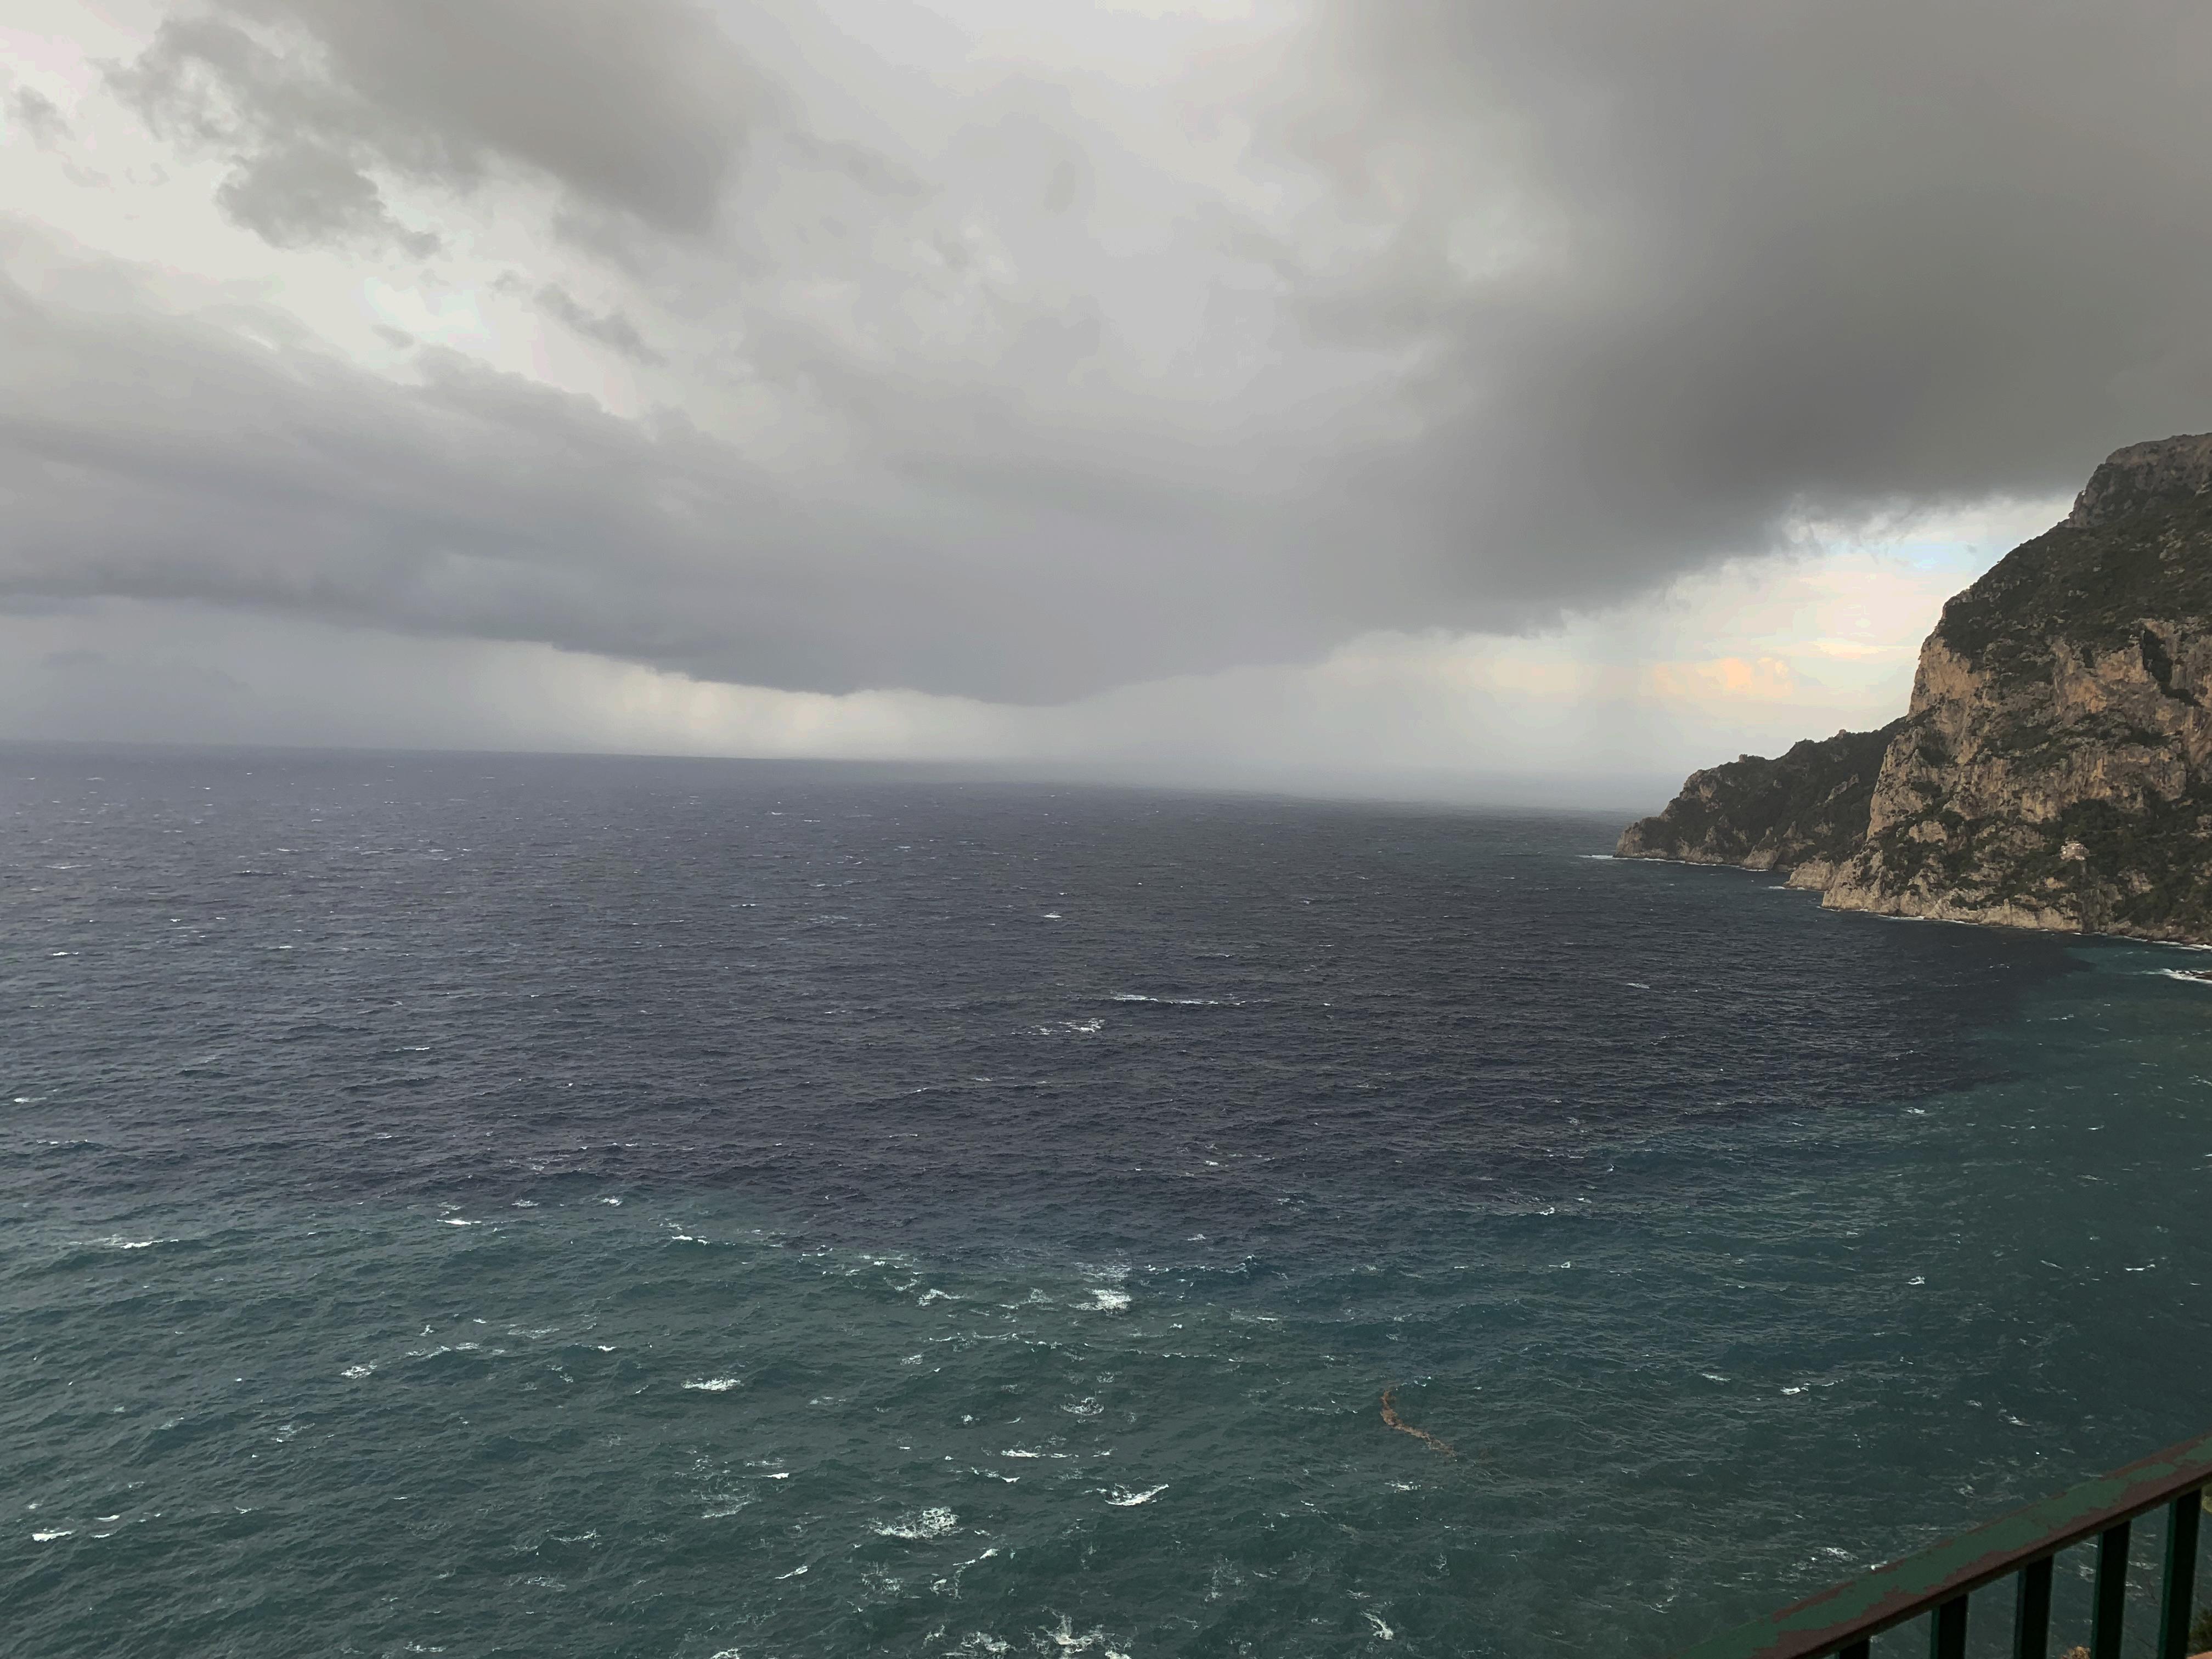 Le Previsioni Meteo a Capri e le Condizioni del Mare del 4 Novembre 2019